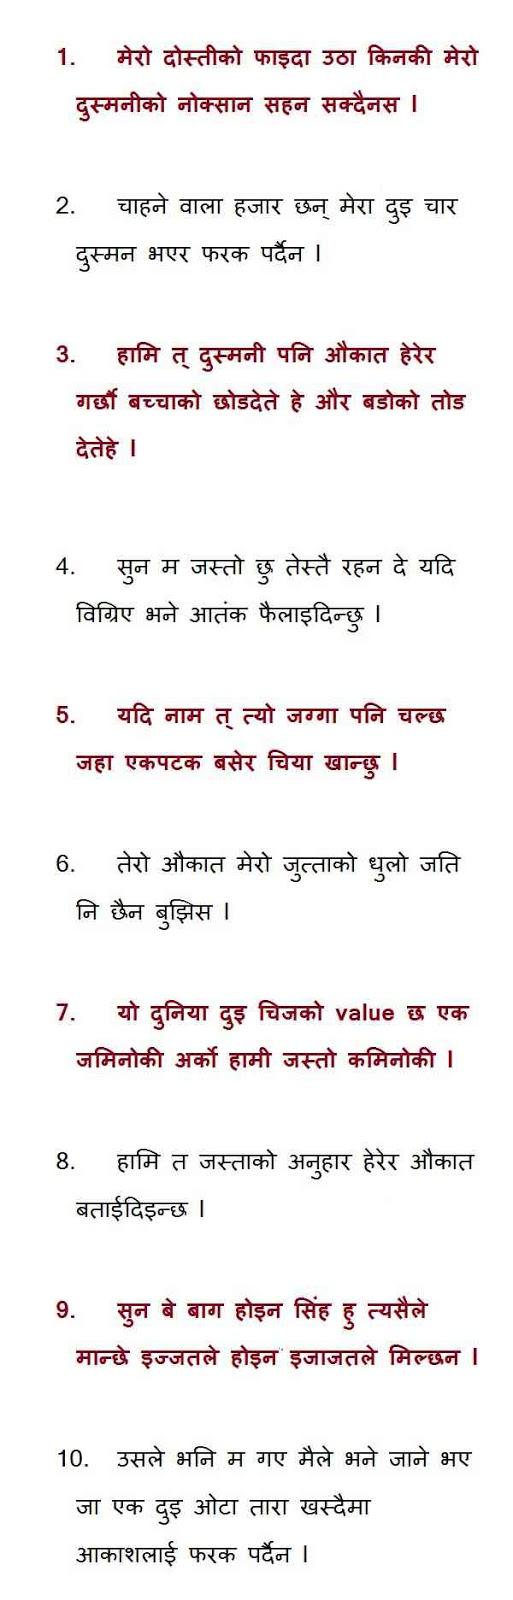 Funny Caption In Nepali : funny, caption, nepali, Funny, Status, Nepali